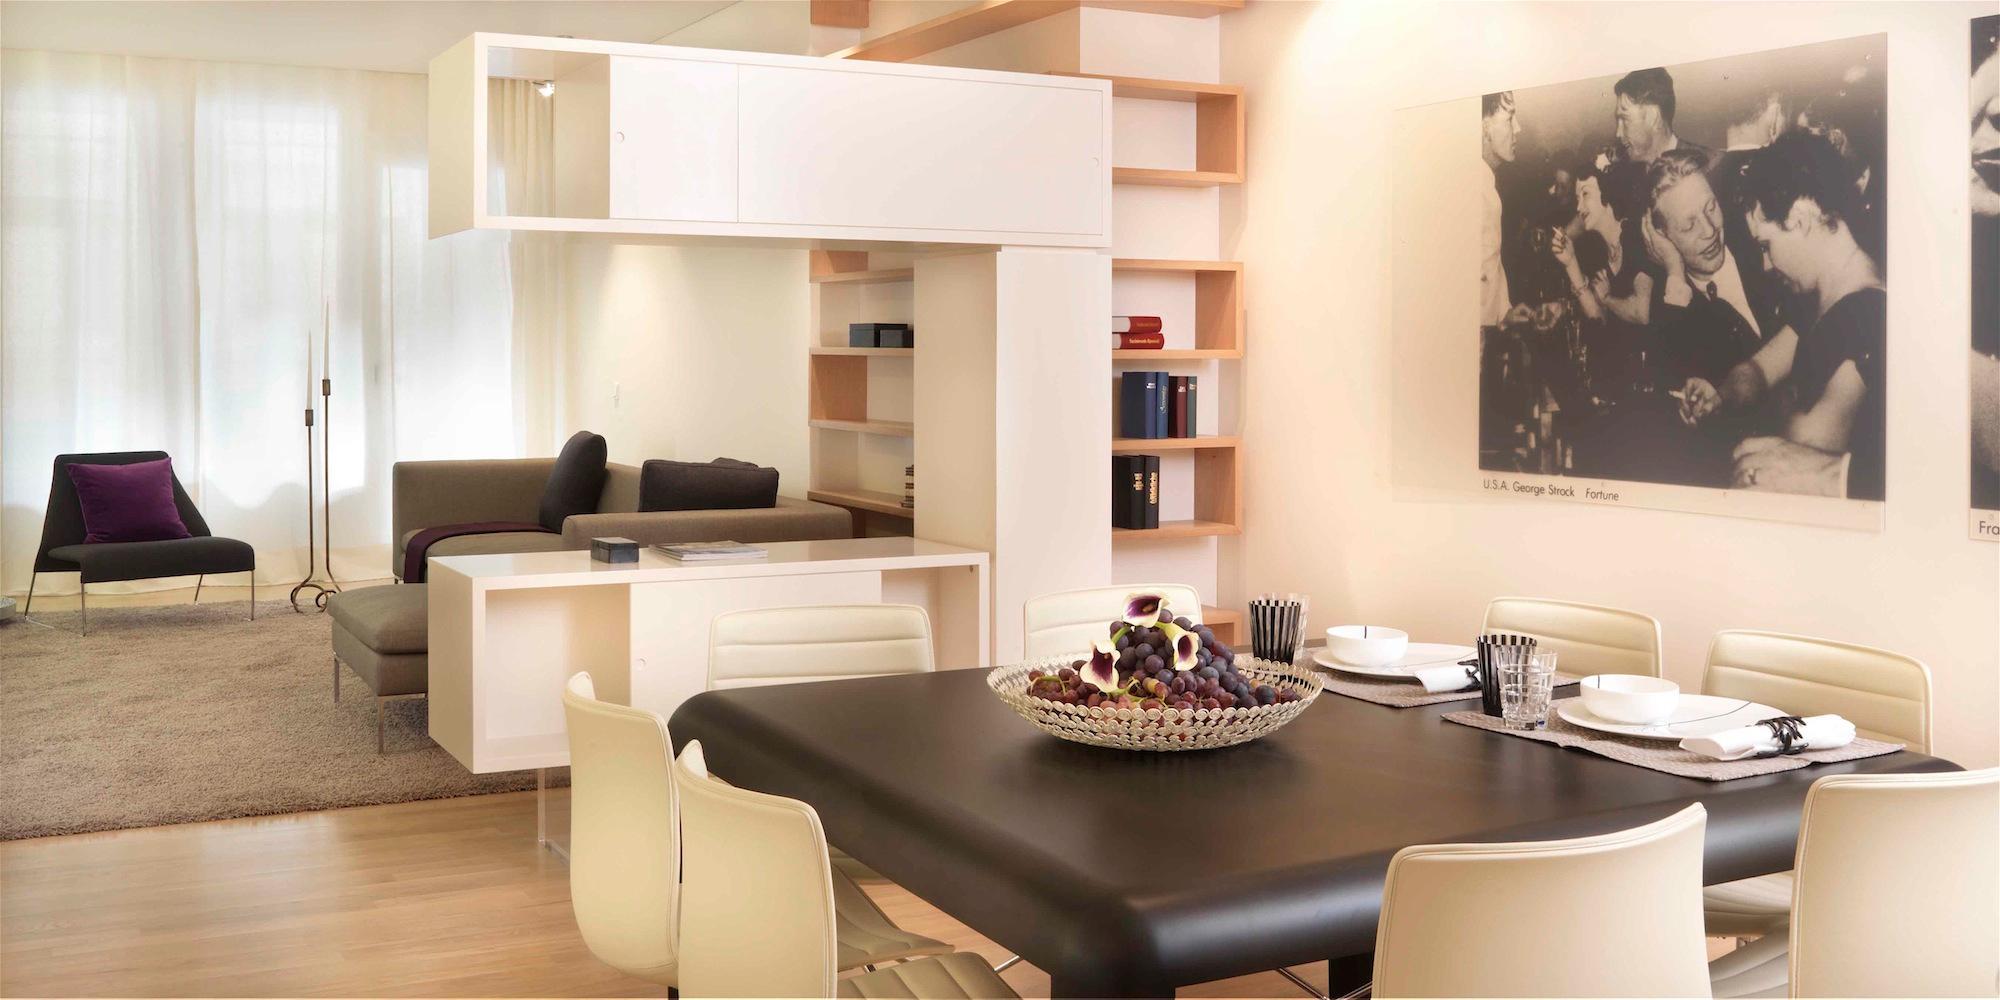 Exclusives Loft Bcherregal Esstisch Sideboard Indirektebeleuchtung Offenekche Tisch